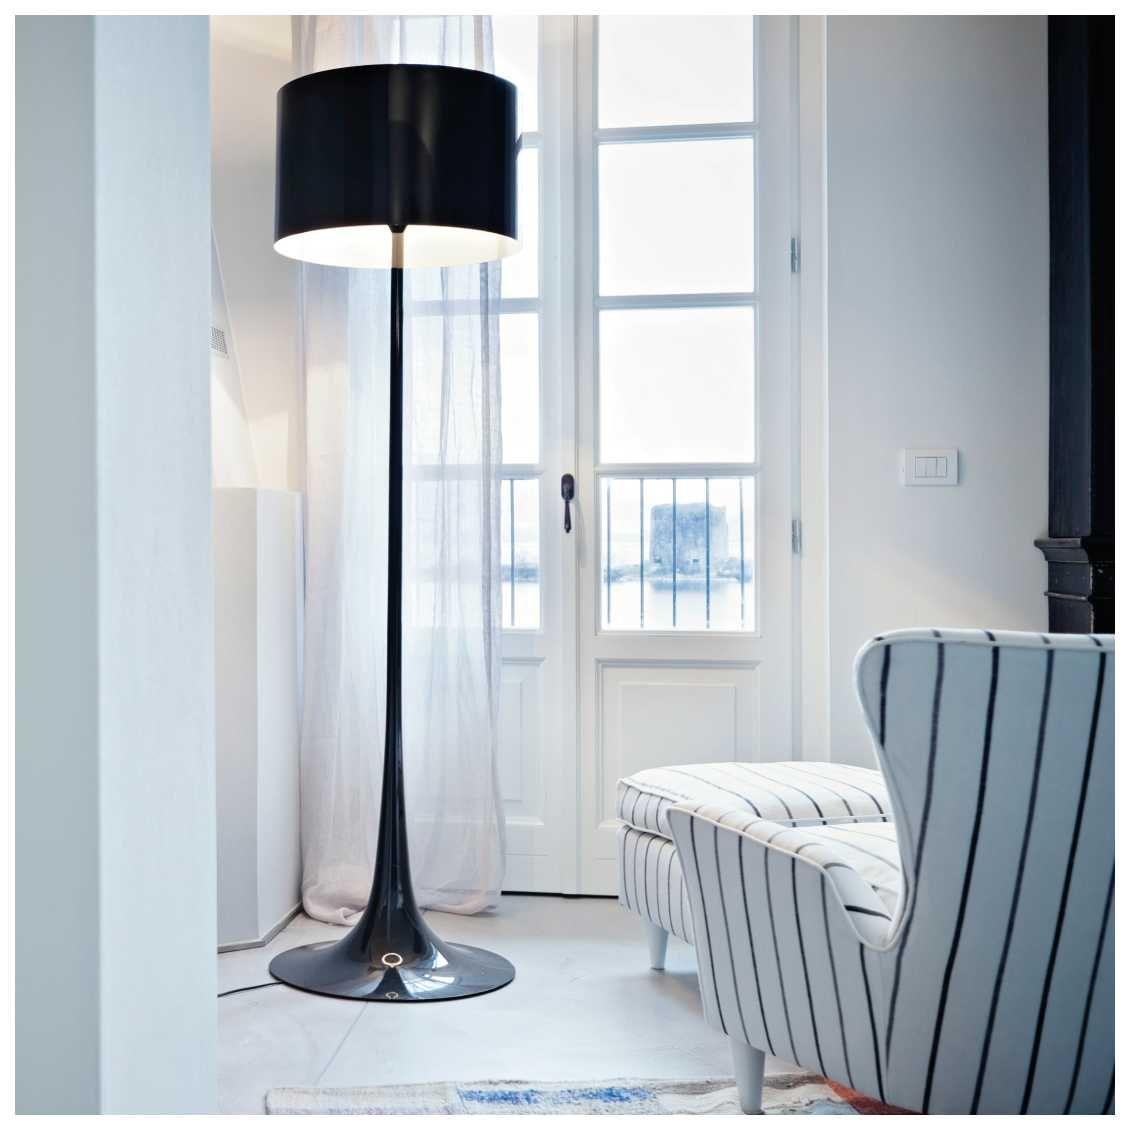 Spun Light F Vloerlamp Misterdesign Vloerlamp Moderne Lampen Interieur